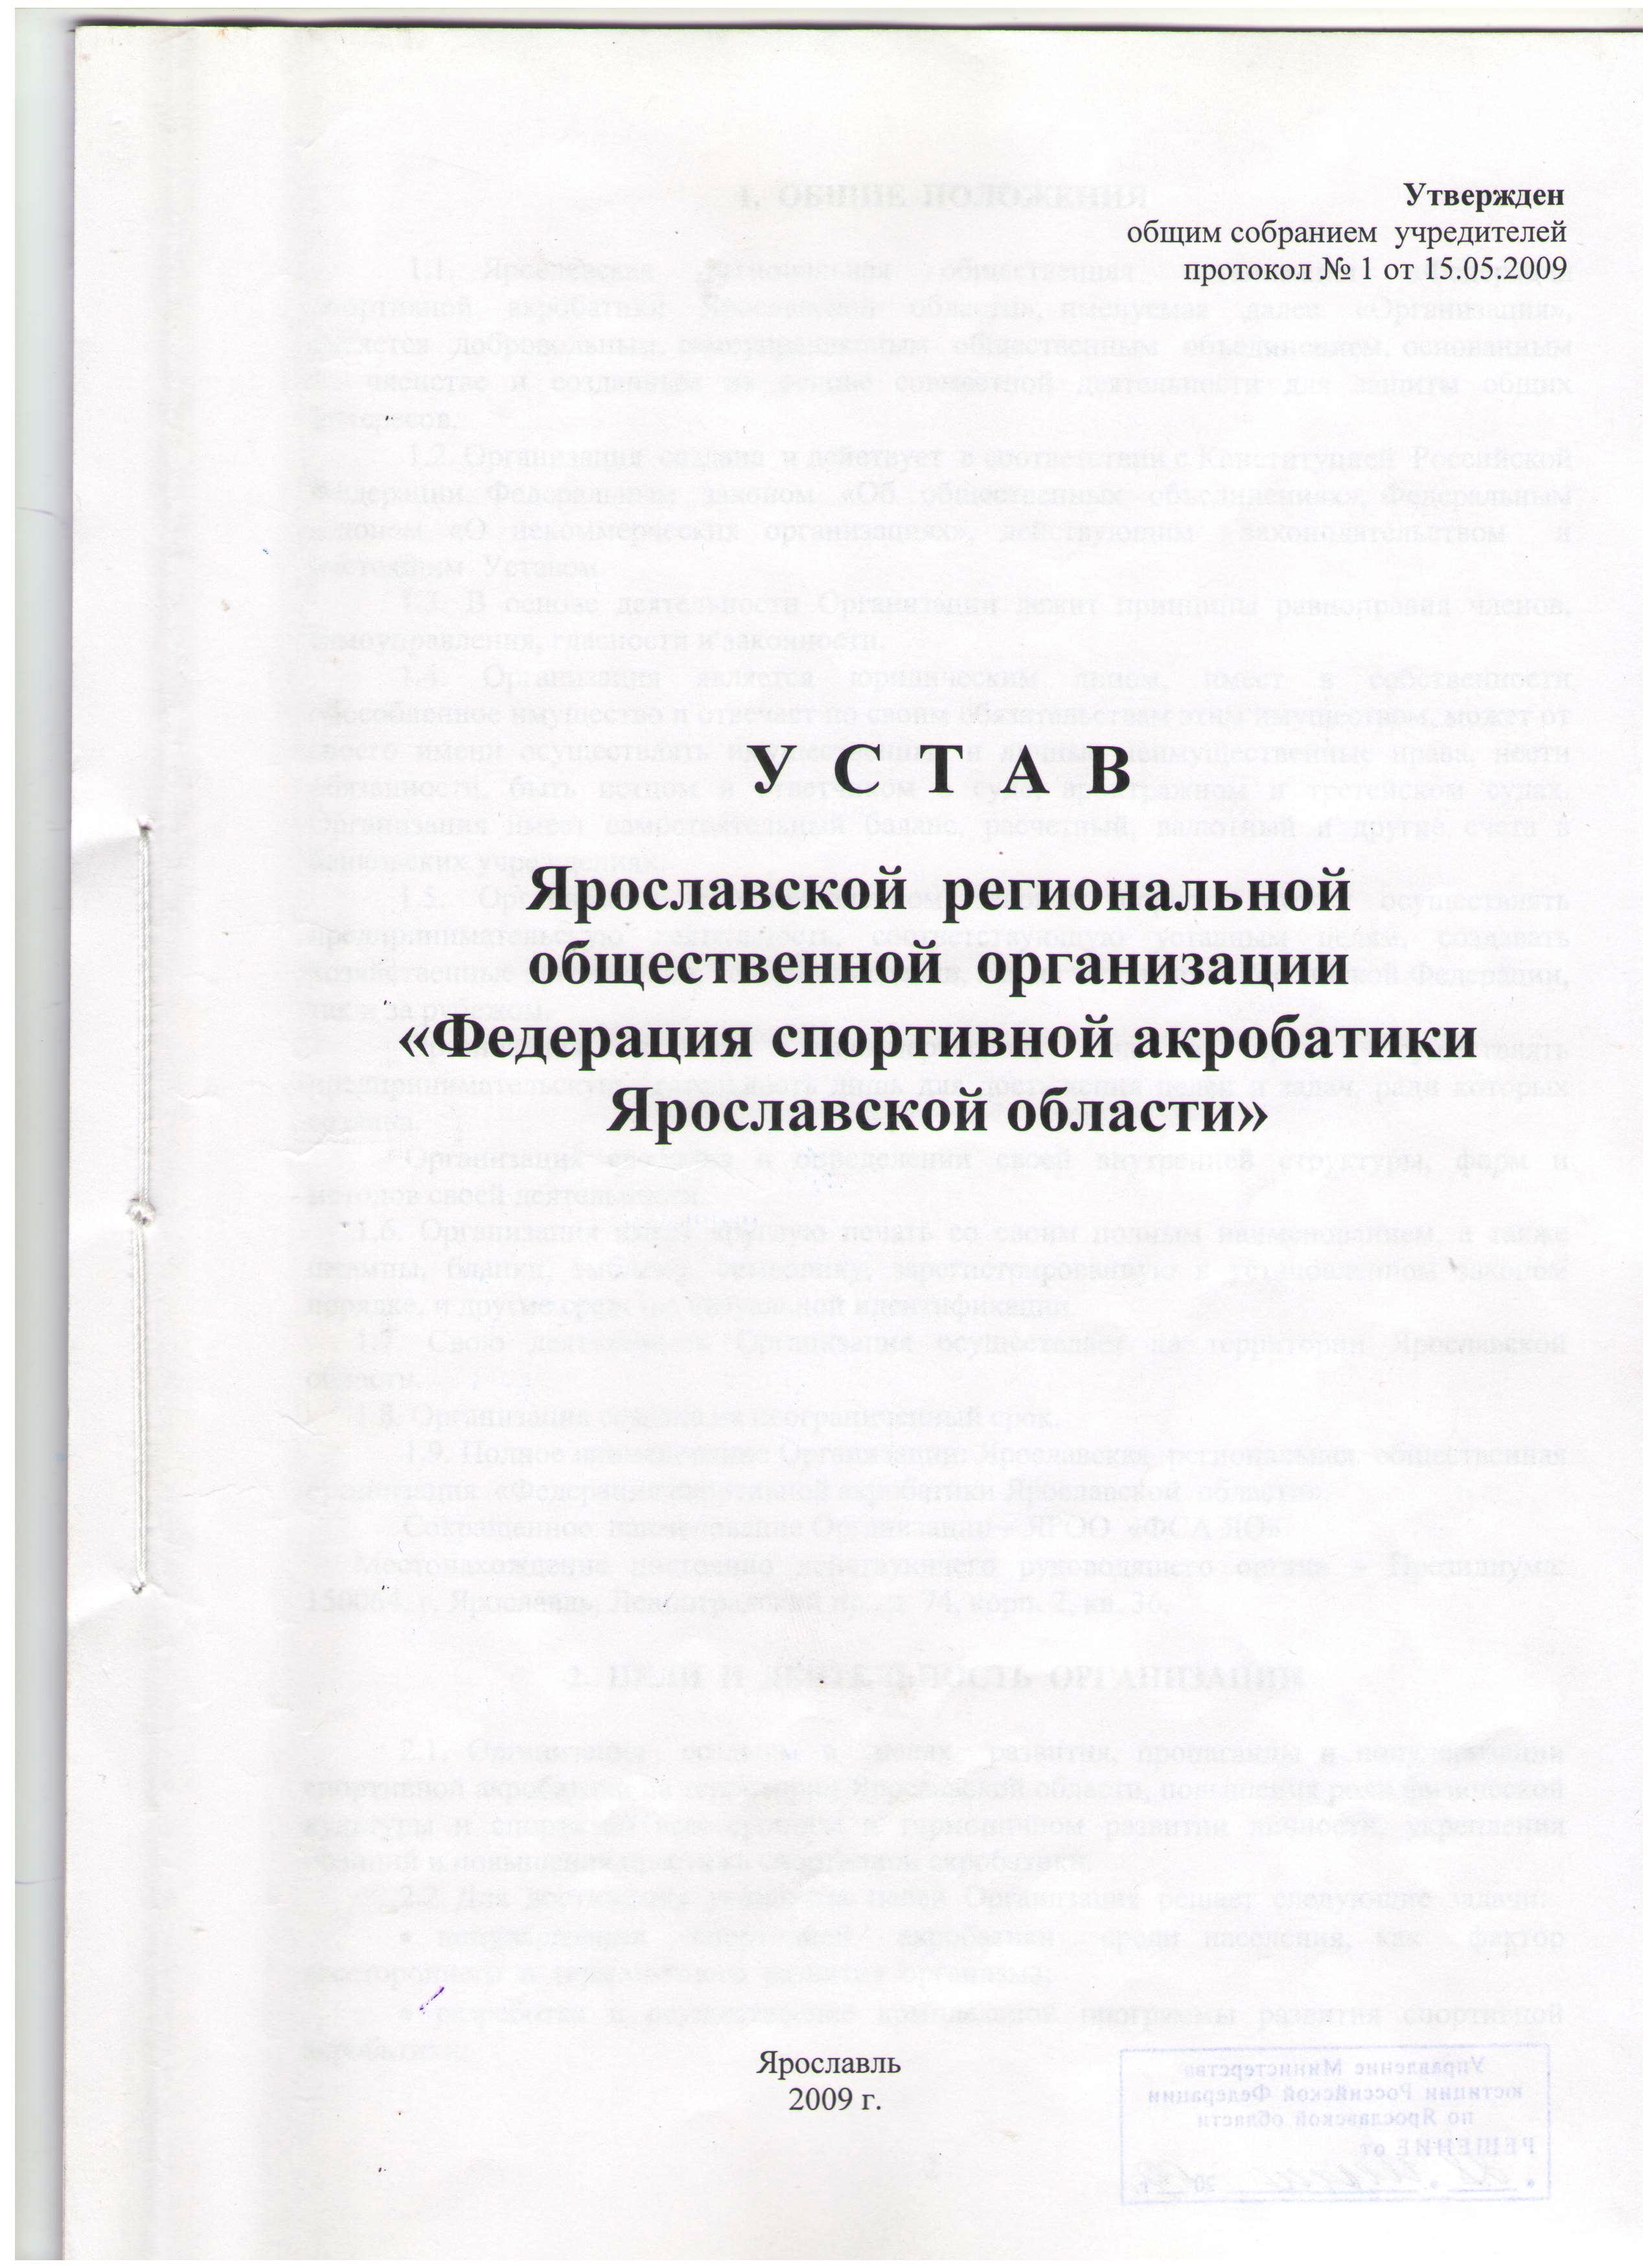 Устав ФСА ЯО 001